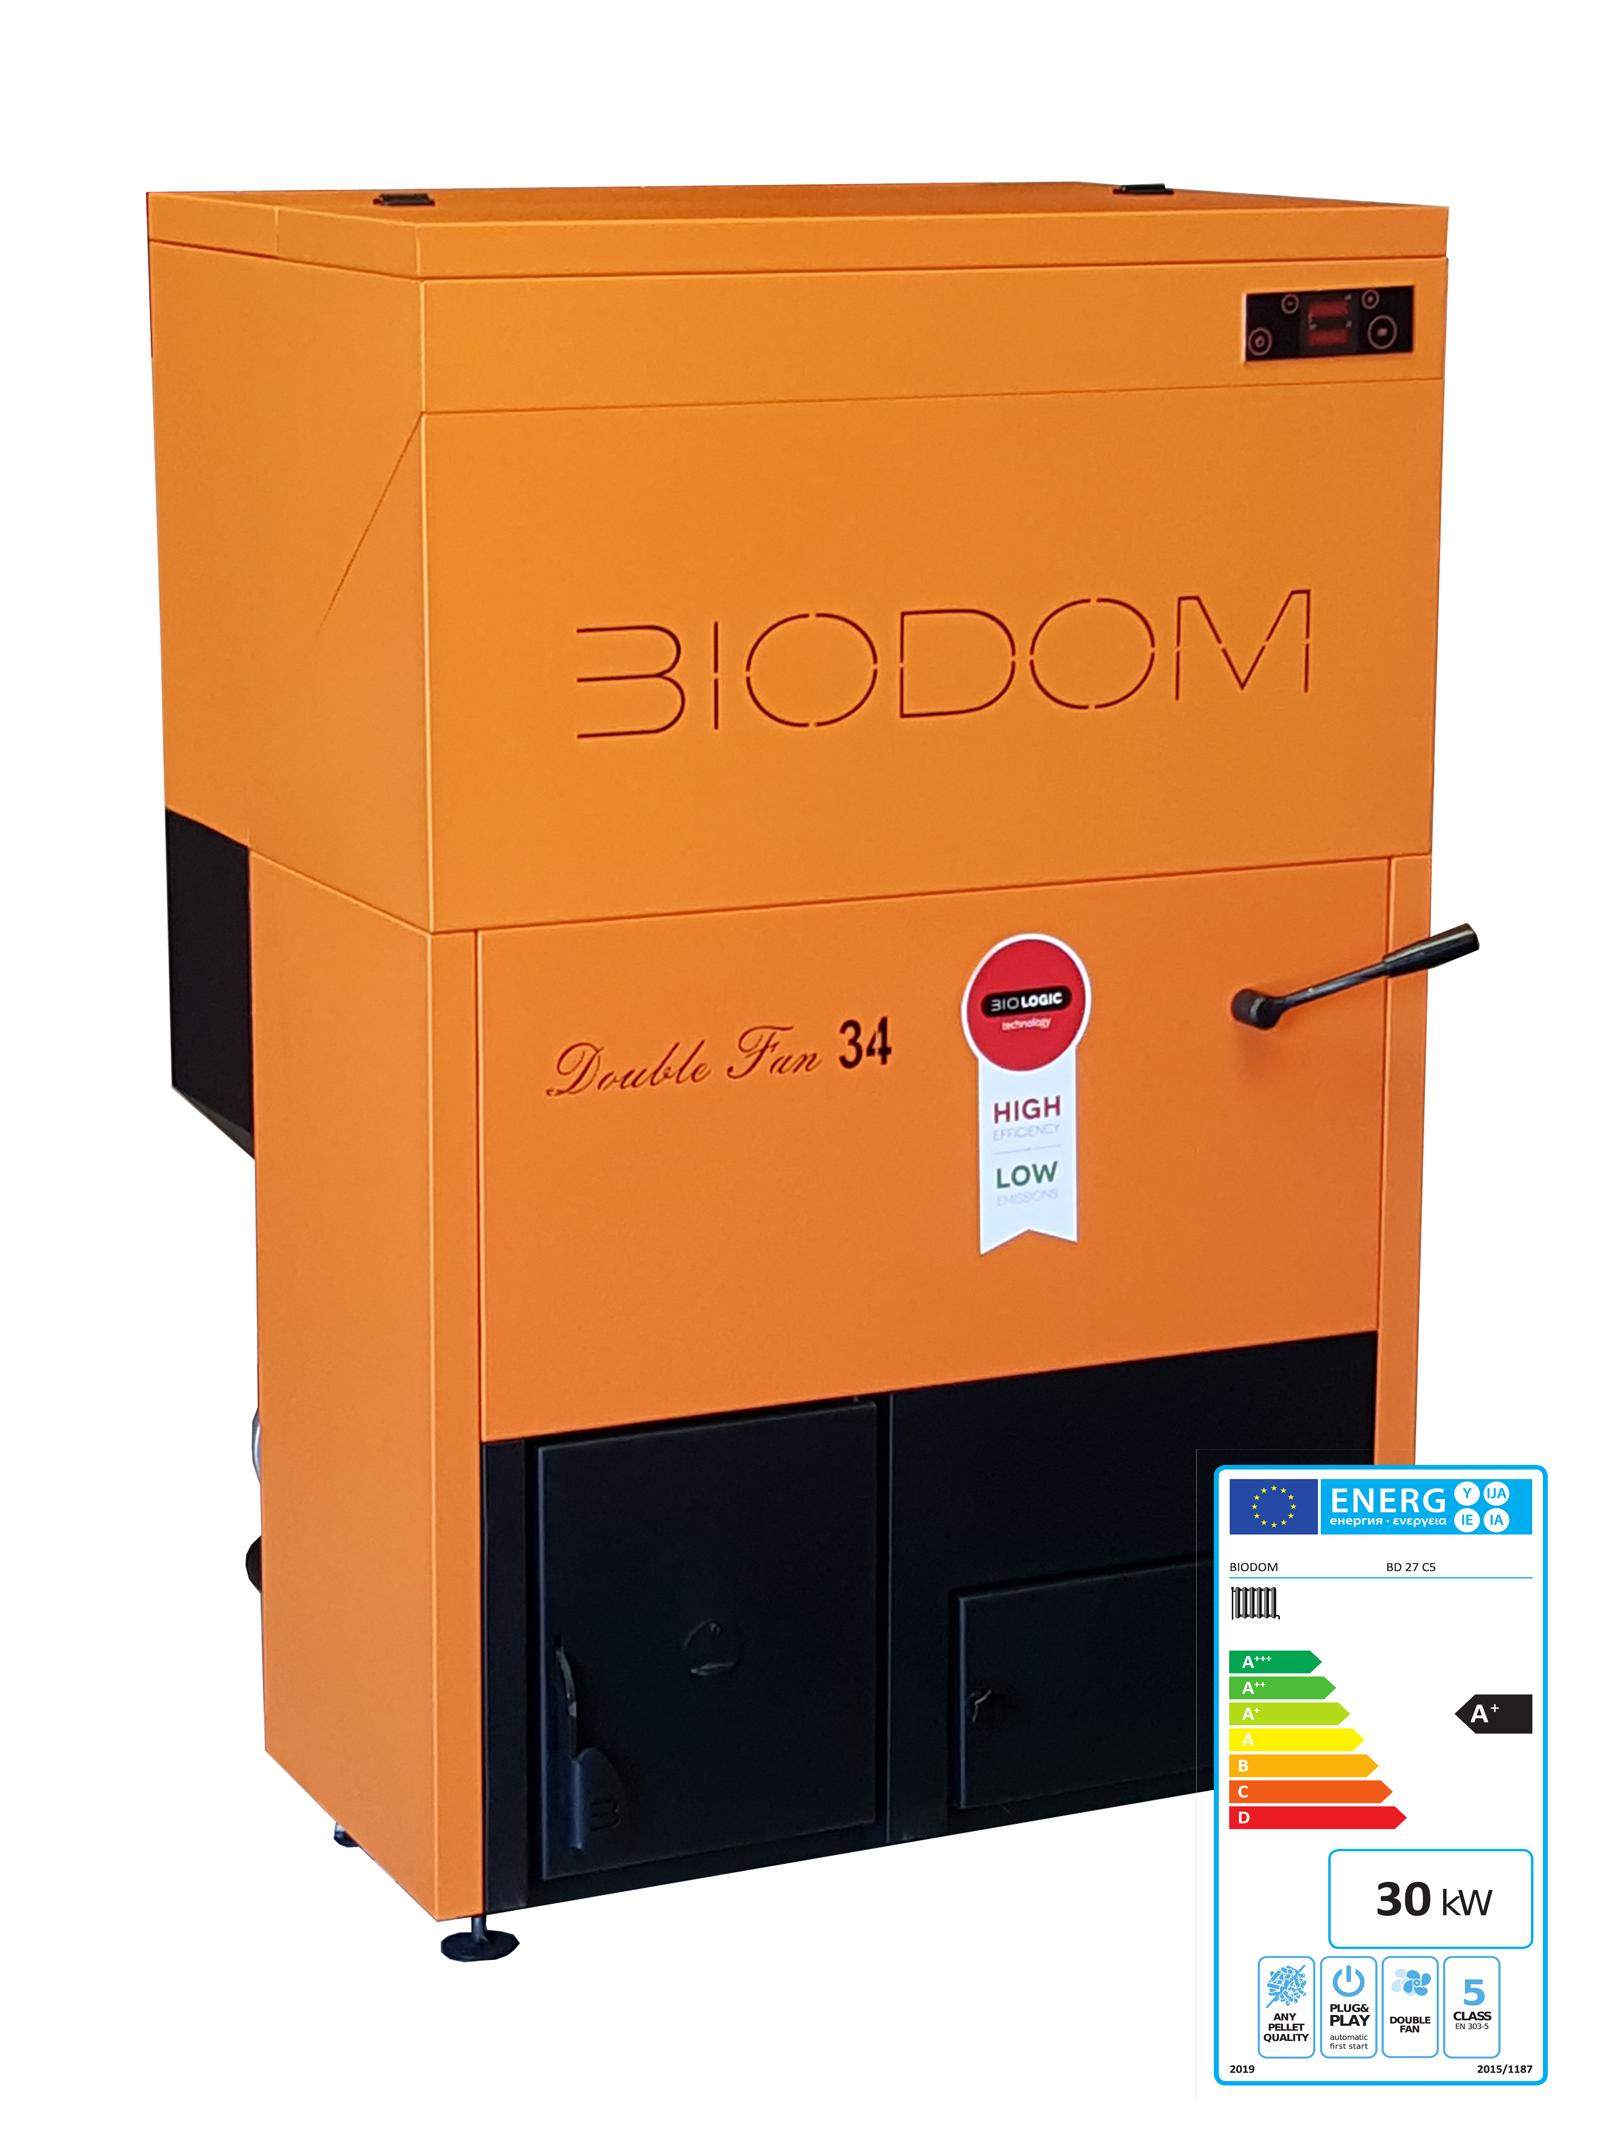 Pelletketel Biodom 27-C5 met energielabel